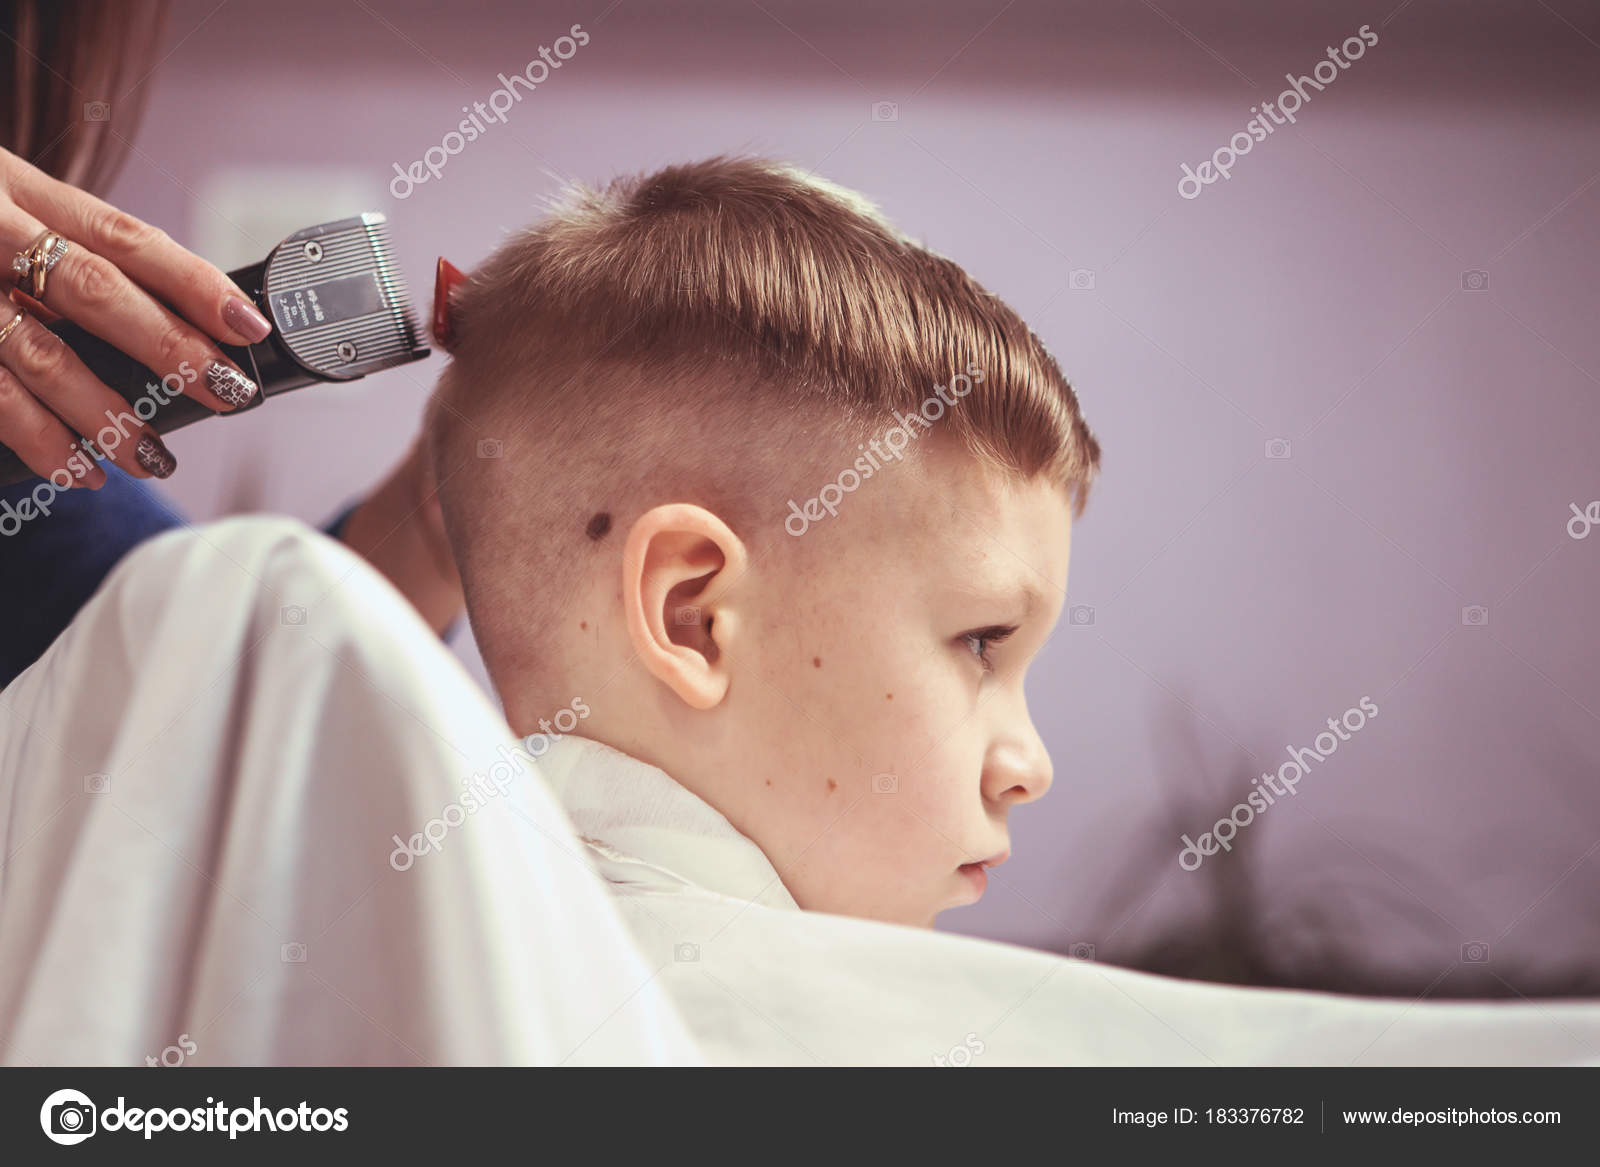 Como hacer cortes de pelo en ninos